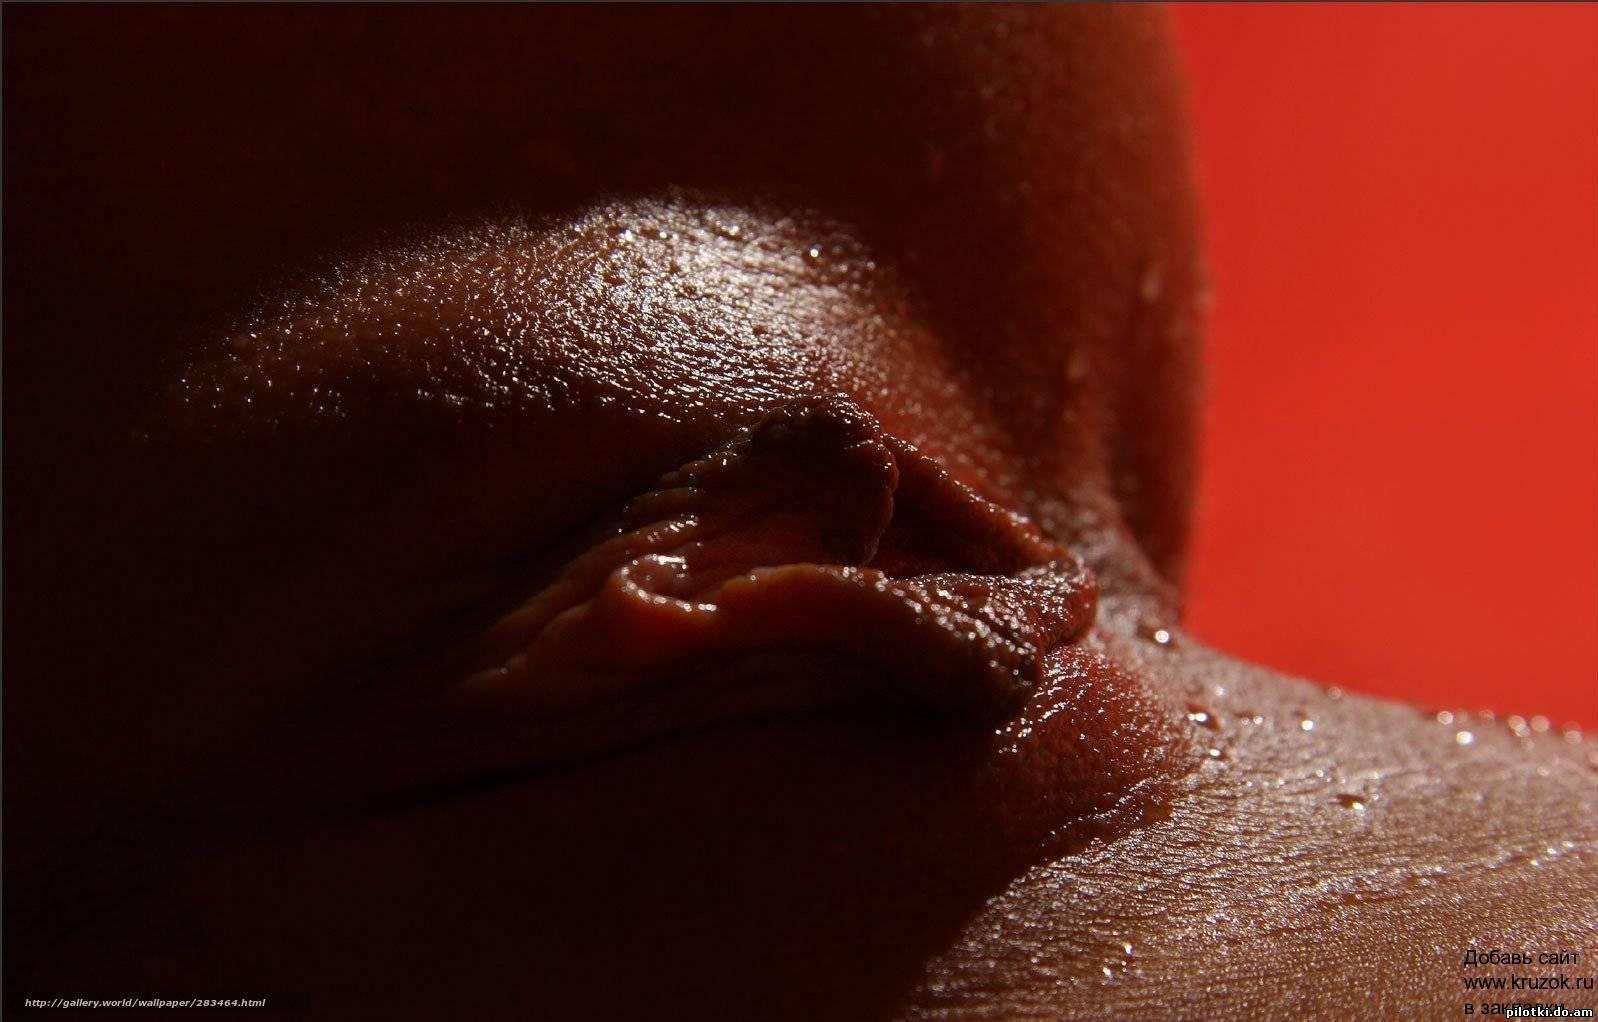 Порно ролики в HD - смотреть порно видео бесплатно